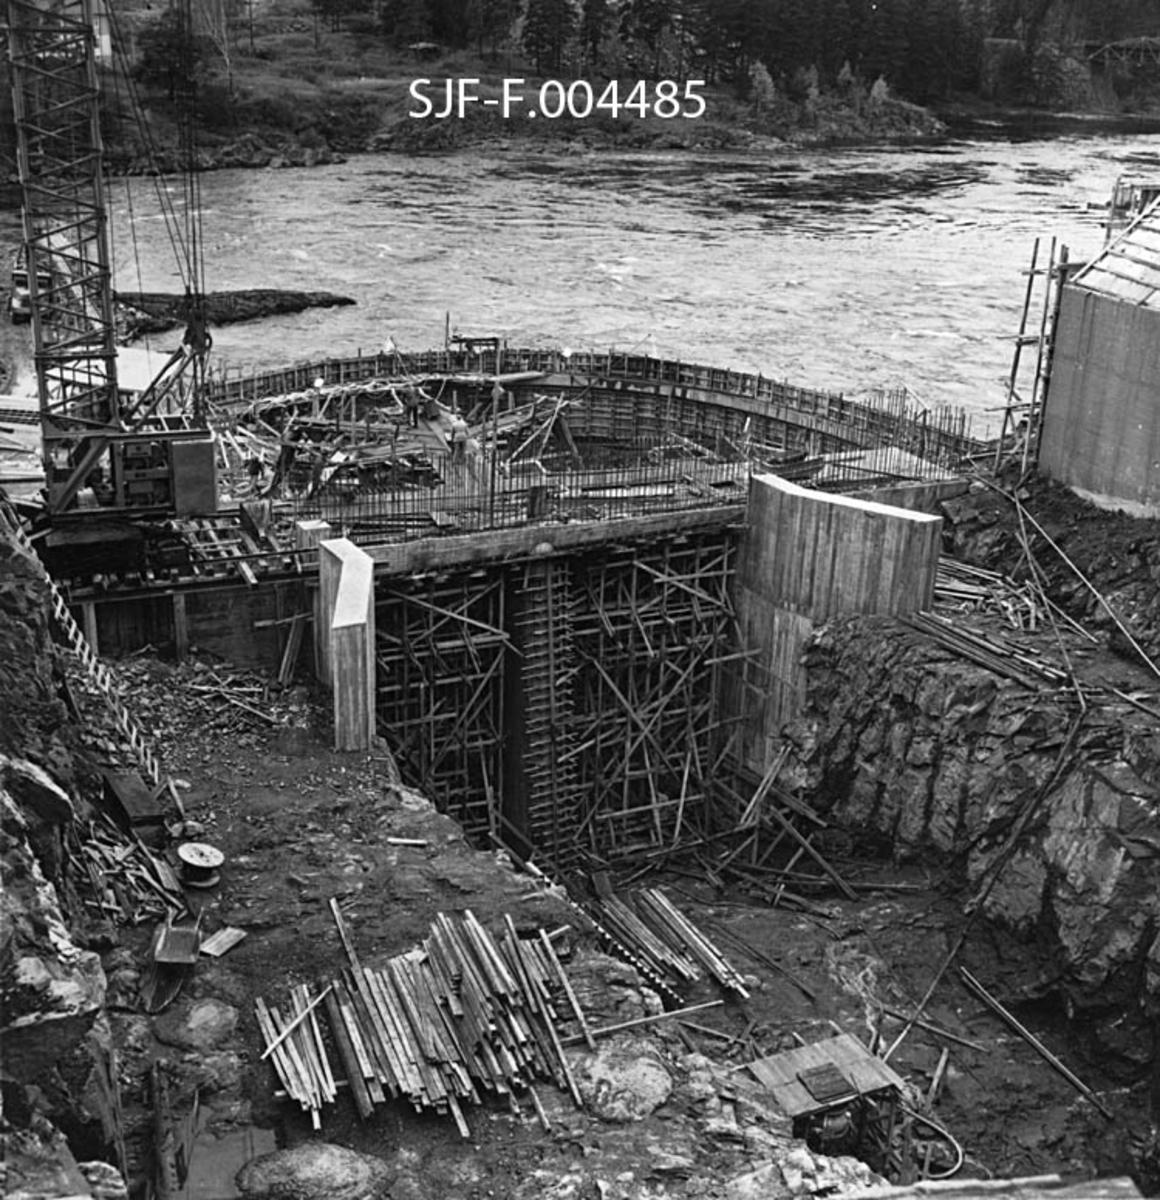 Tomta der Geithusfoss kraftverk skulle reises og der utløpet fra kraftstasjonen skulle plasseres.  Dette fotografiet, som er tatt i oktober 1960, viser anleggsområdet sett ovenfra, med det nedsprengte løpet for vannet som kom gjennom en tunnel fra et punkt ovenfor fossen til høyre i forgrunnen.  Fotografiet preges ellers av forskalinger for betongstøpearbeider, samt (lengre bak) av fangdammen, en bueformet skjerm av tre, som skulle hindre vann fra elveløpet fra å trenge inn på anleggsområdet.  Til venstre i bildet ser vi den nedre delen av ei diger anleggskran som ble brukt til å løfte materiell inn på og ut fra byggeplassen.  Bakenfor ser vi elveløpet, som nedenfor Geithusfossen gjør en sving før det passerer Kattfossbrua, som så vidt skimtes øverst i høyre hjørne på dette fotografiet.  Kraftverket ble satt i drift et snaut år etter at dette fotografiet ble tatt.